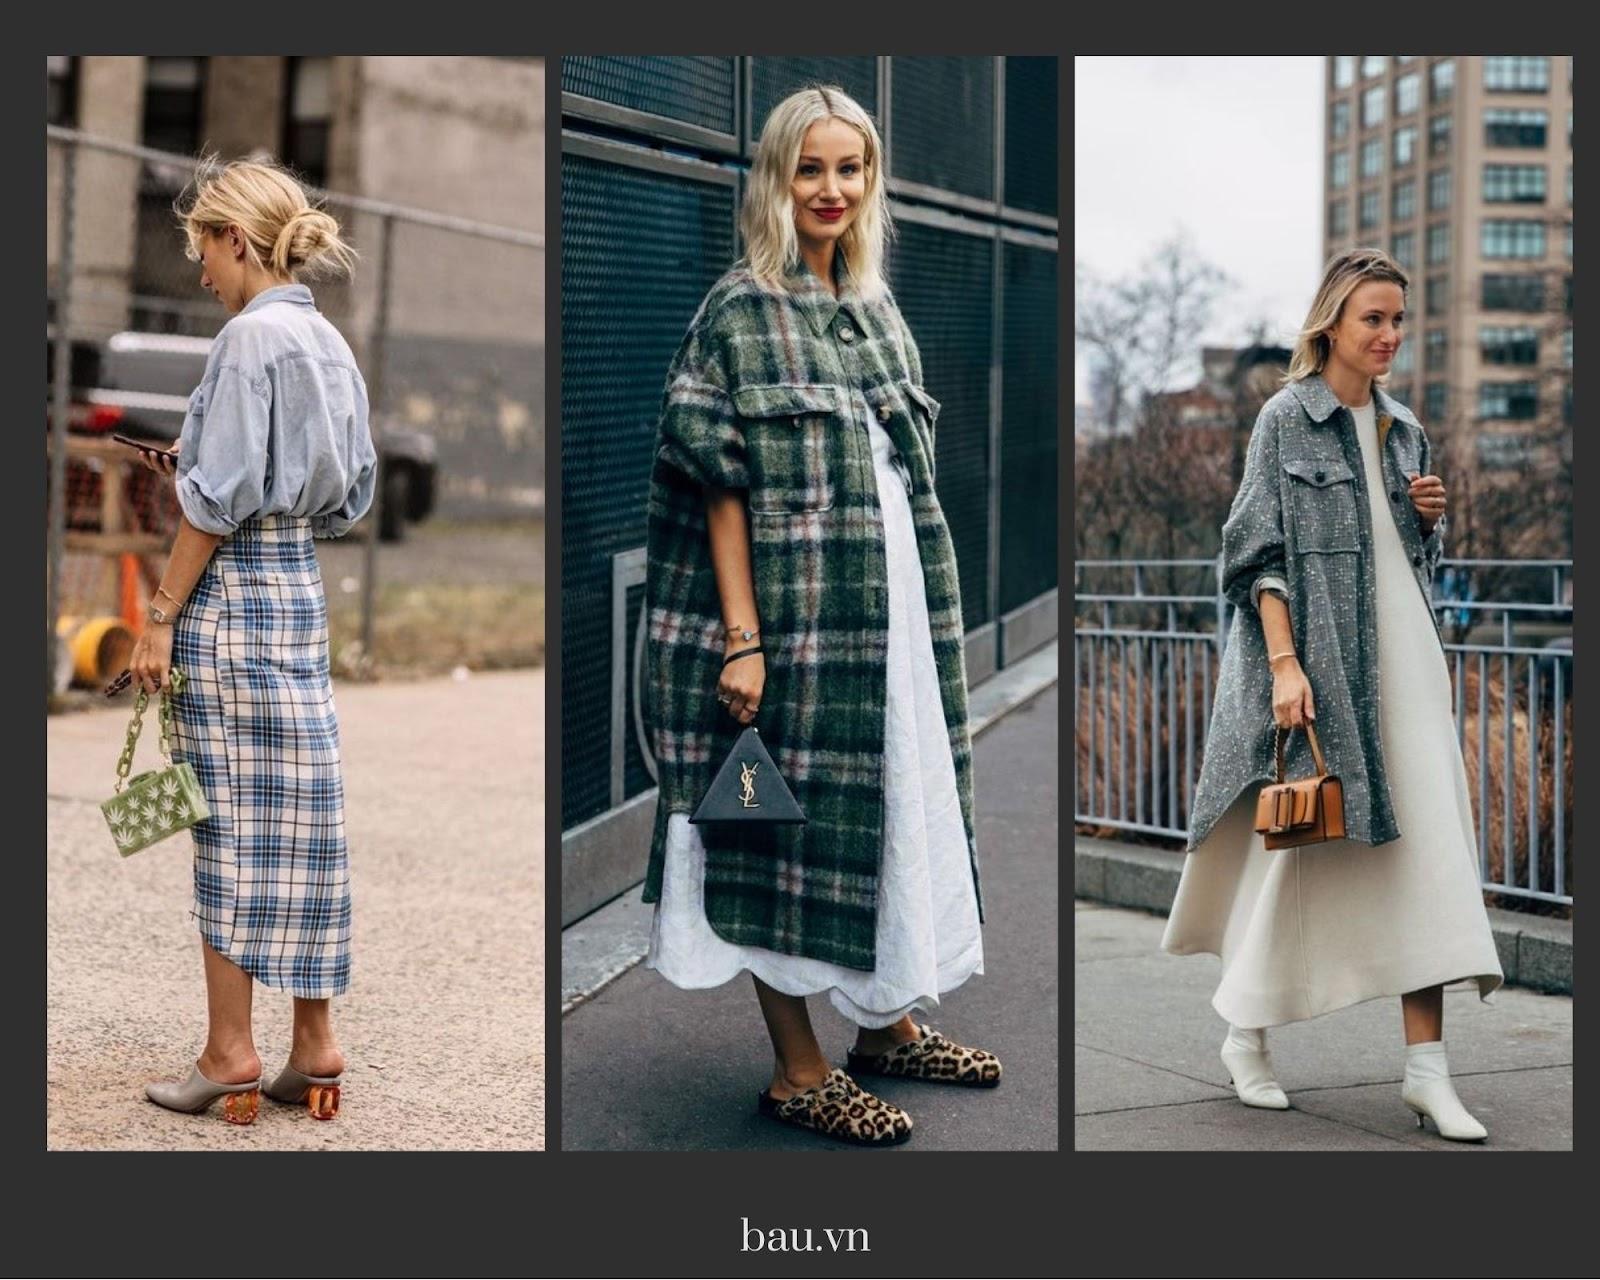 Sắm ngay những mẫu túi xách cho mùa thu đông 2020 - ảnh 1